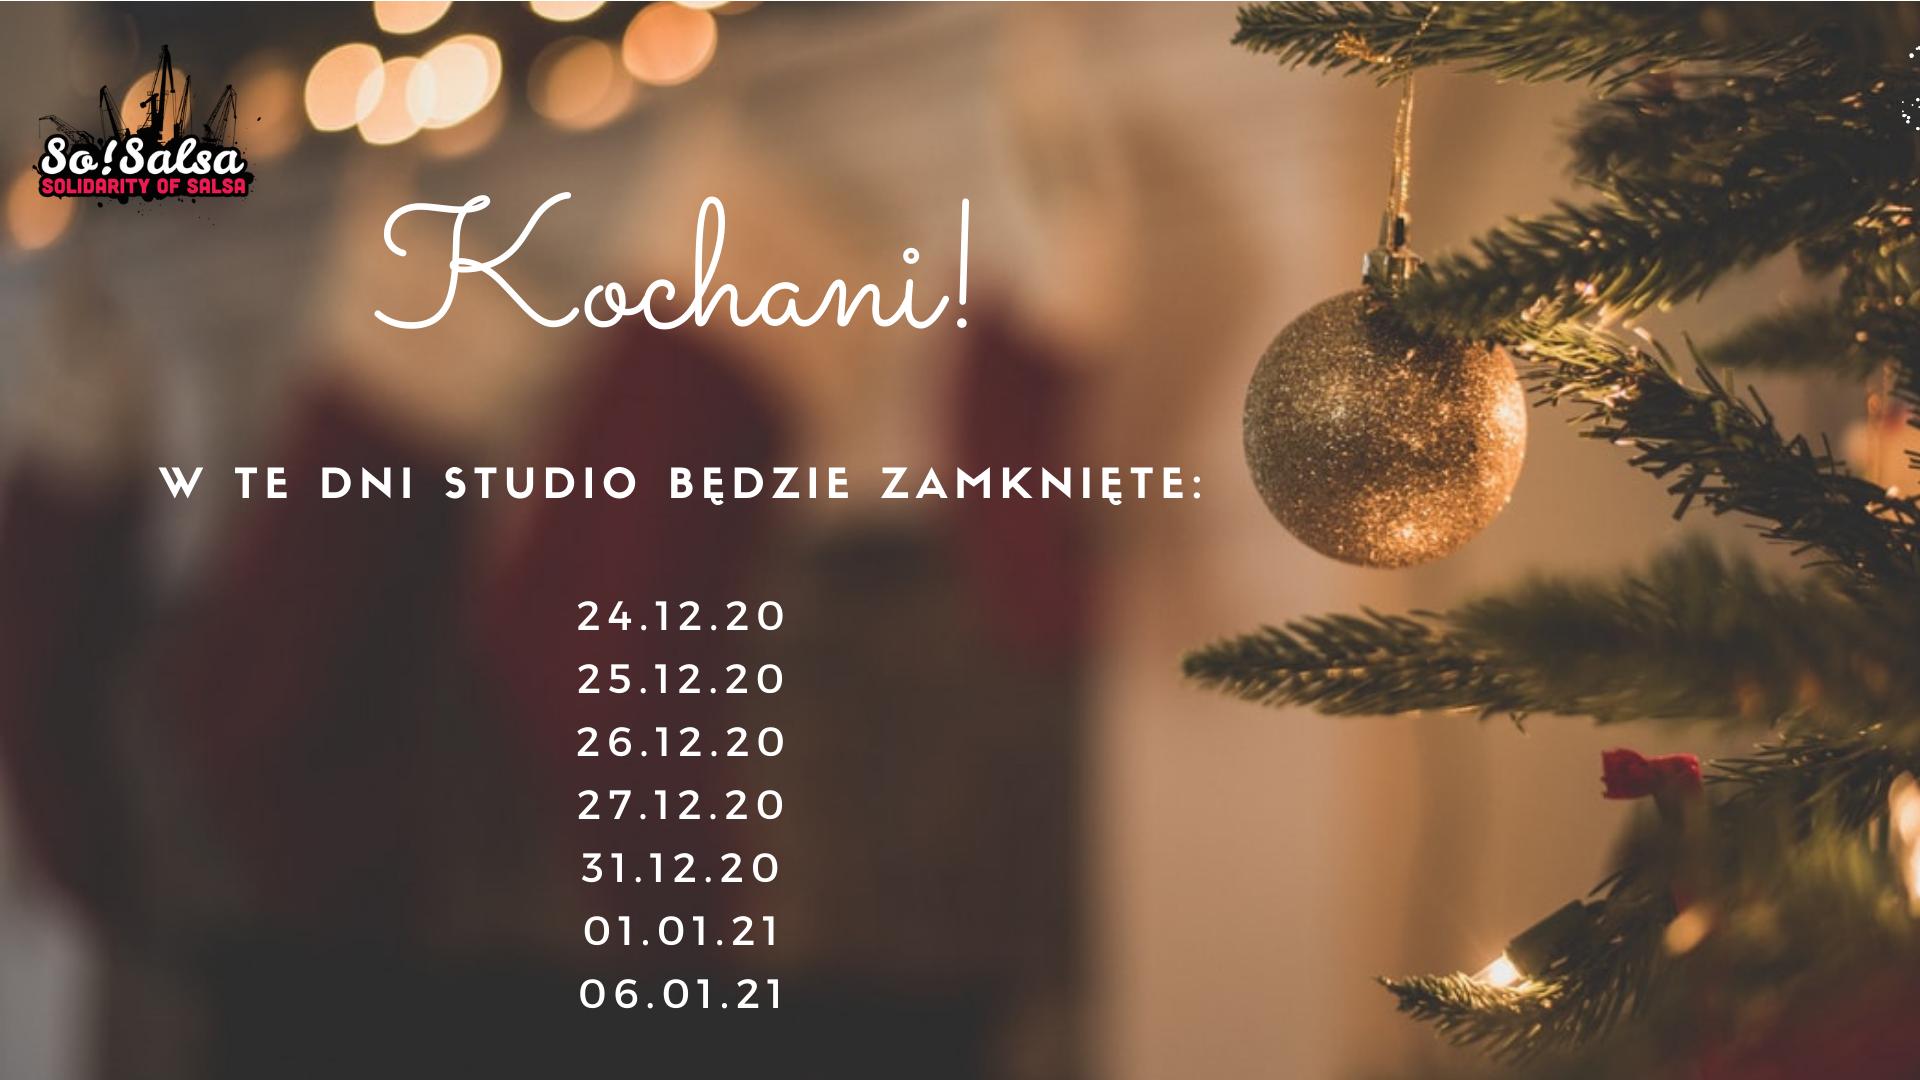 24-27, 31 grudnia oraz 1, 6 stycznia studio nieczynne.